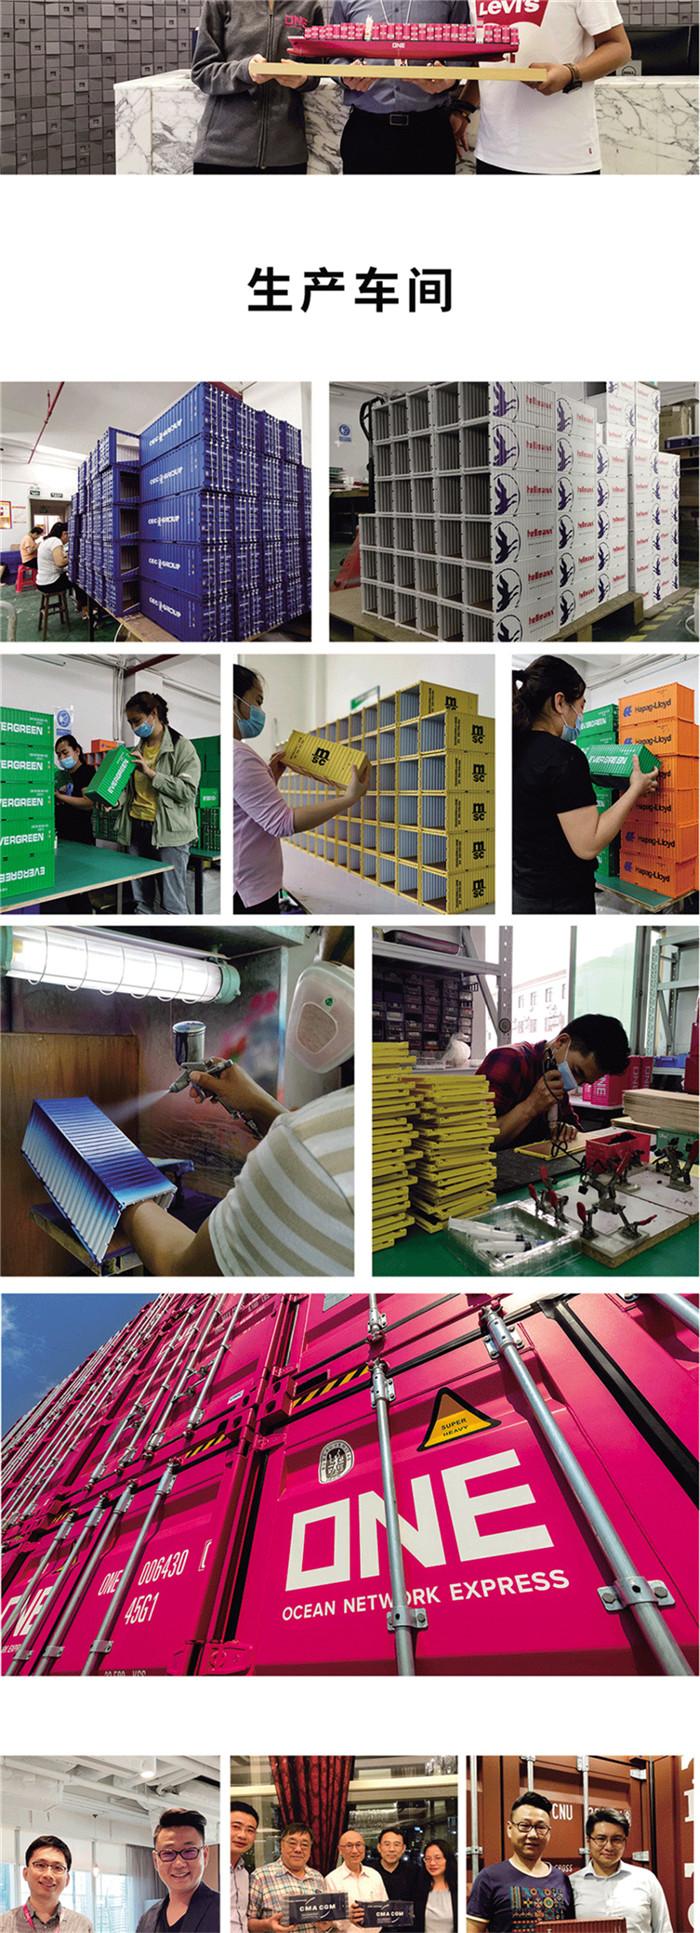 海藝坊集裝箱貨柜模型工廠生產制作各種:教學貨柜模型LOGO定制,教學貨柜模型定制定做,教學貨柜模型紙巾盒筆筒,教學貨柜模型工廠。